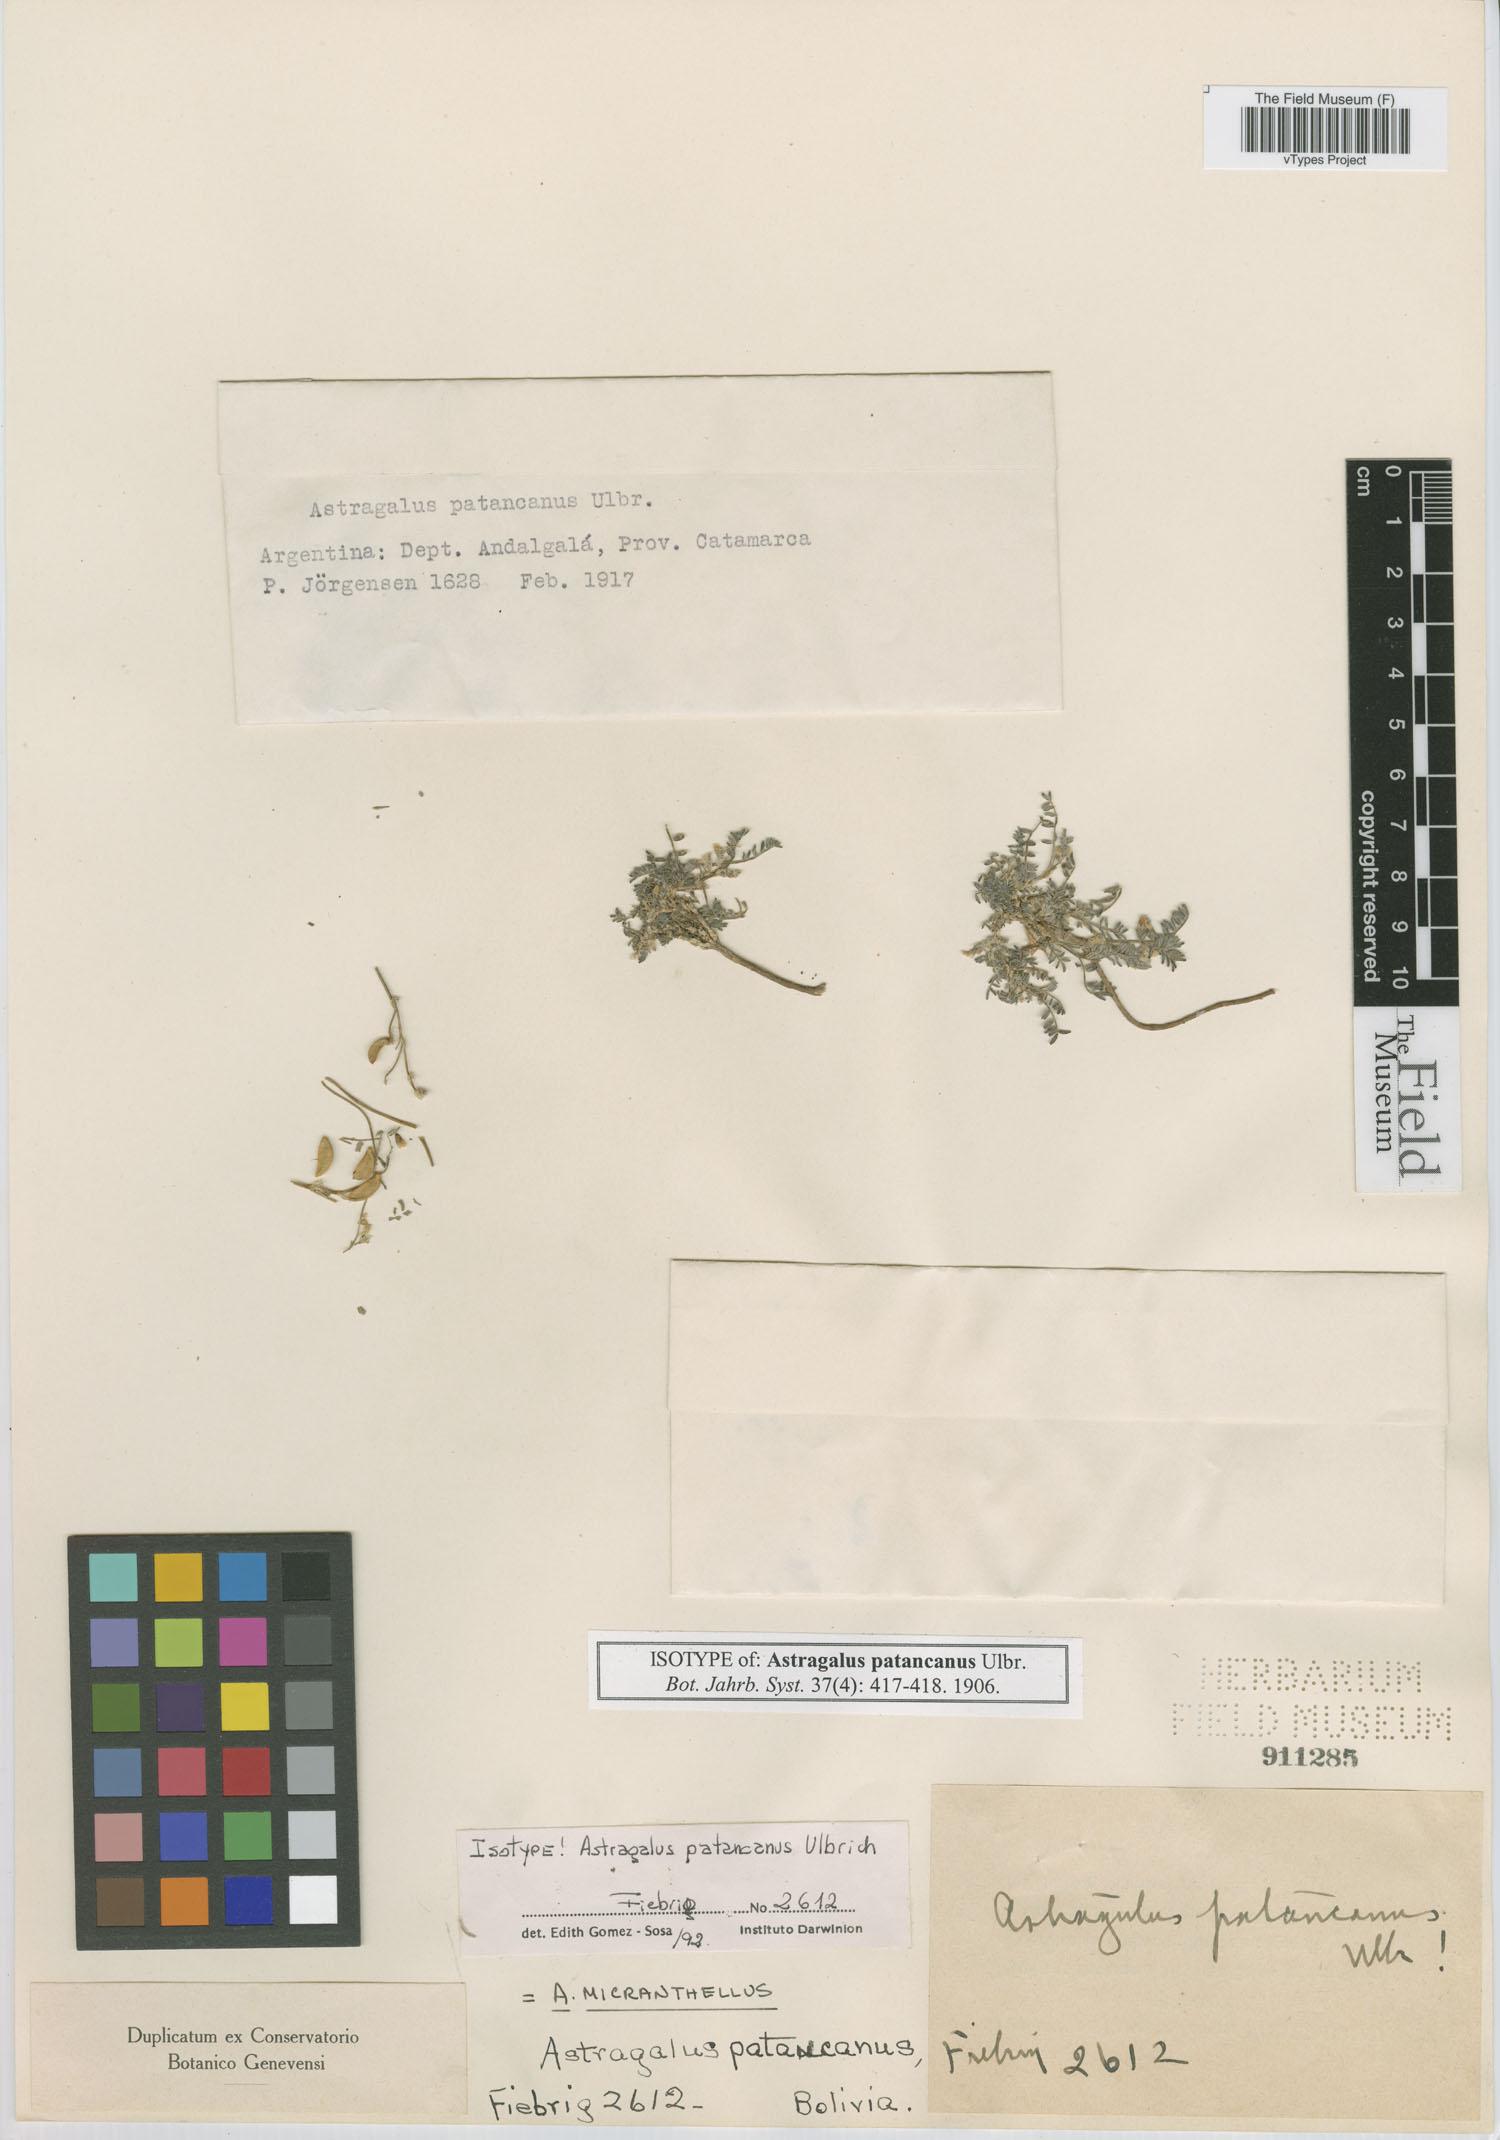 Astragalus micranthellus image